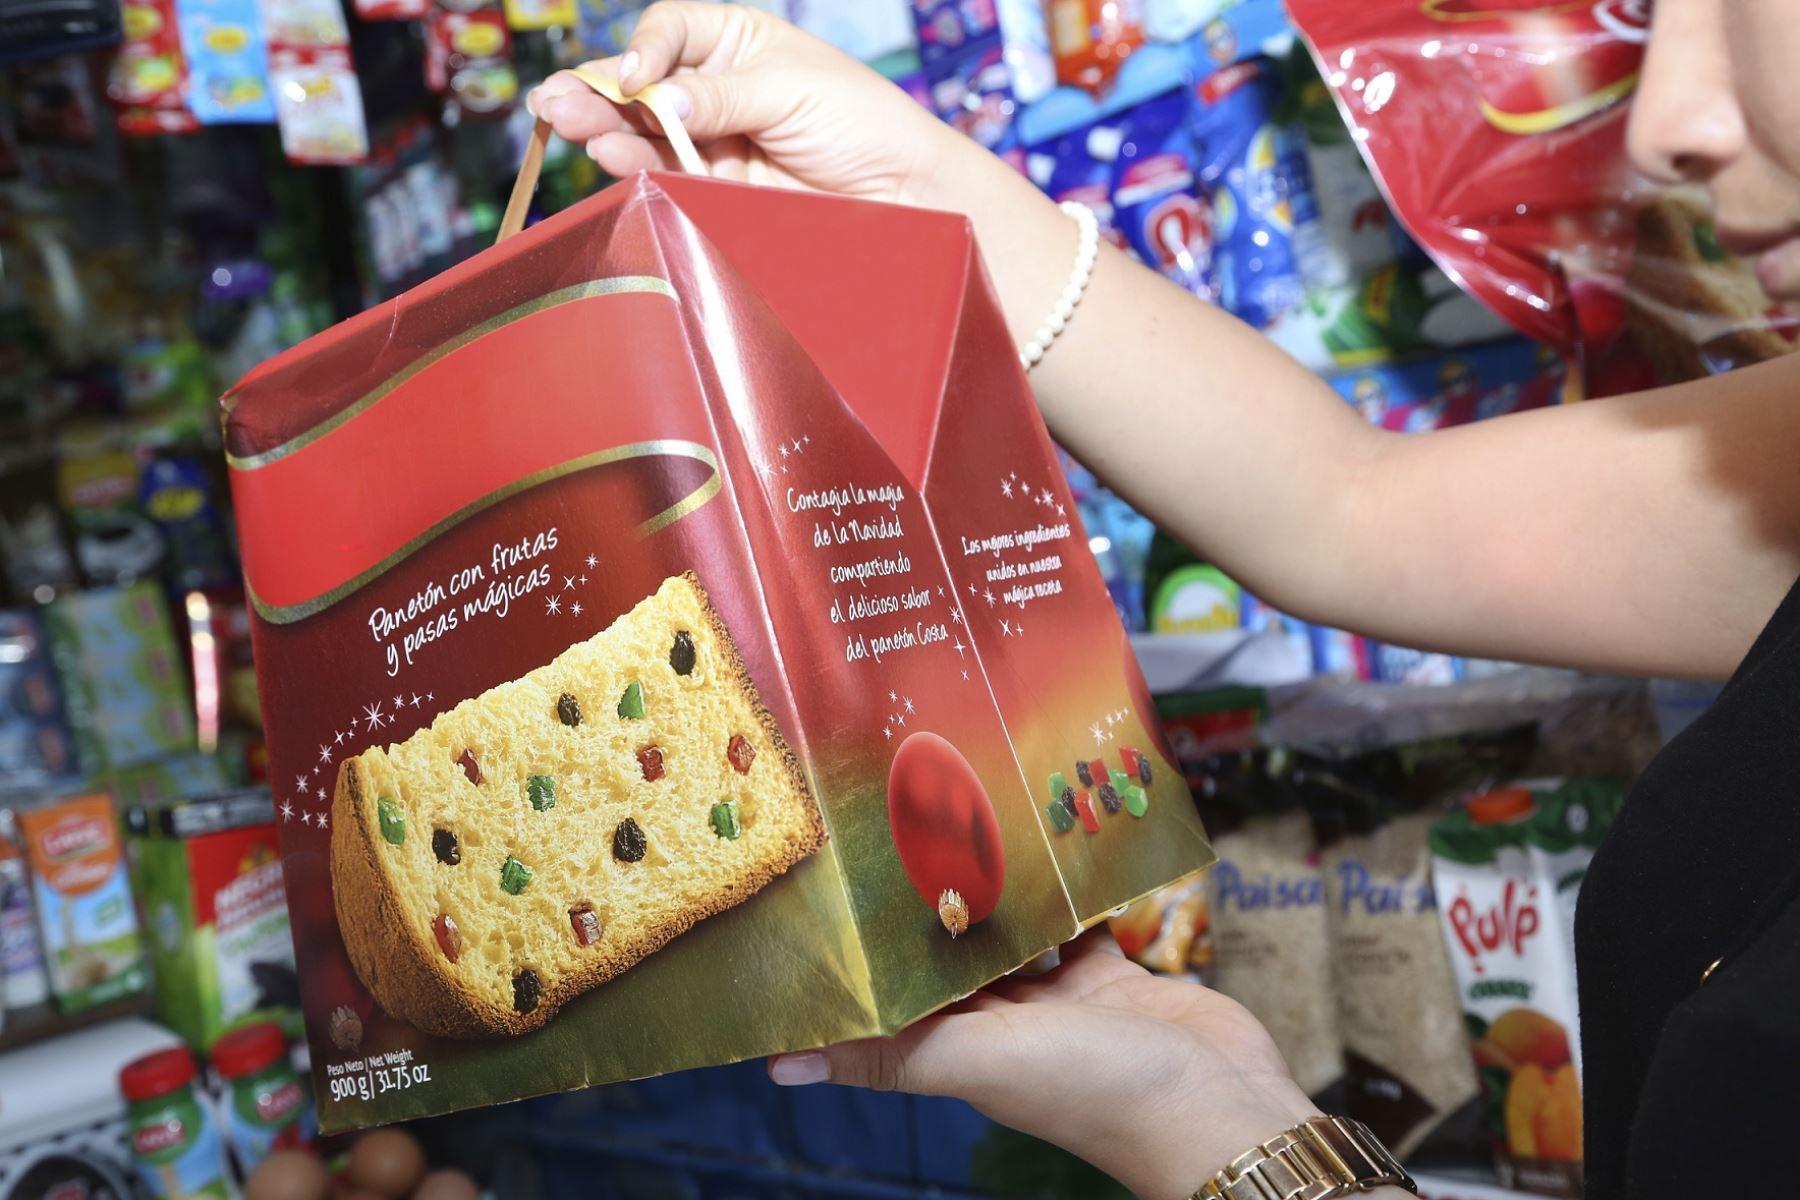 La cena navideña no debe ser motivo de afectación a la salud si se elige con cuidado. Foto: ANDINA/Difusión